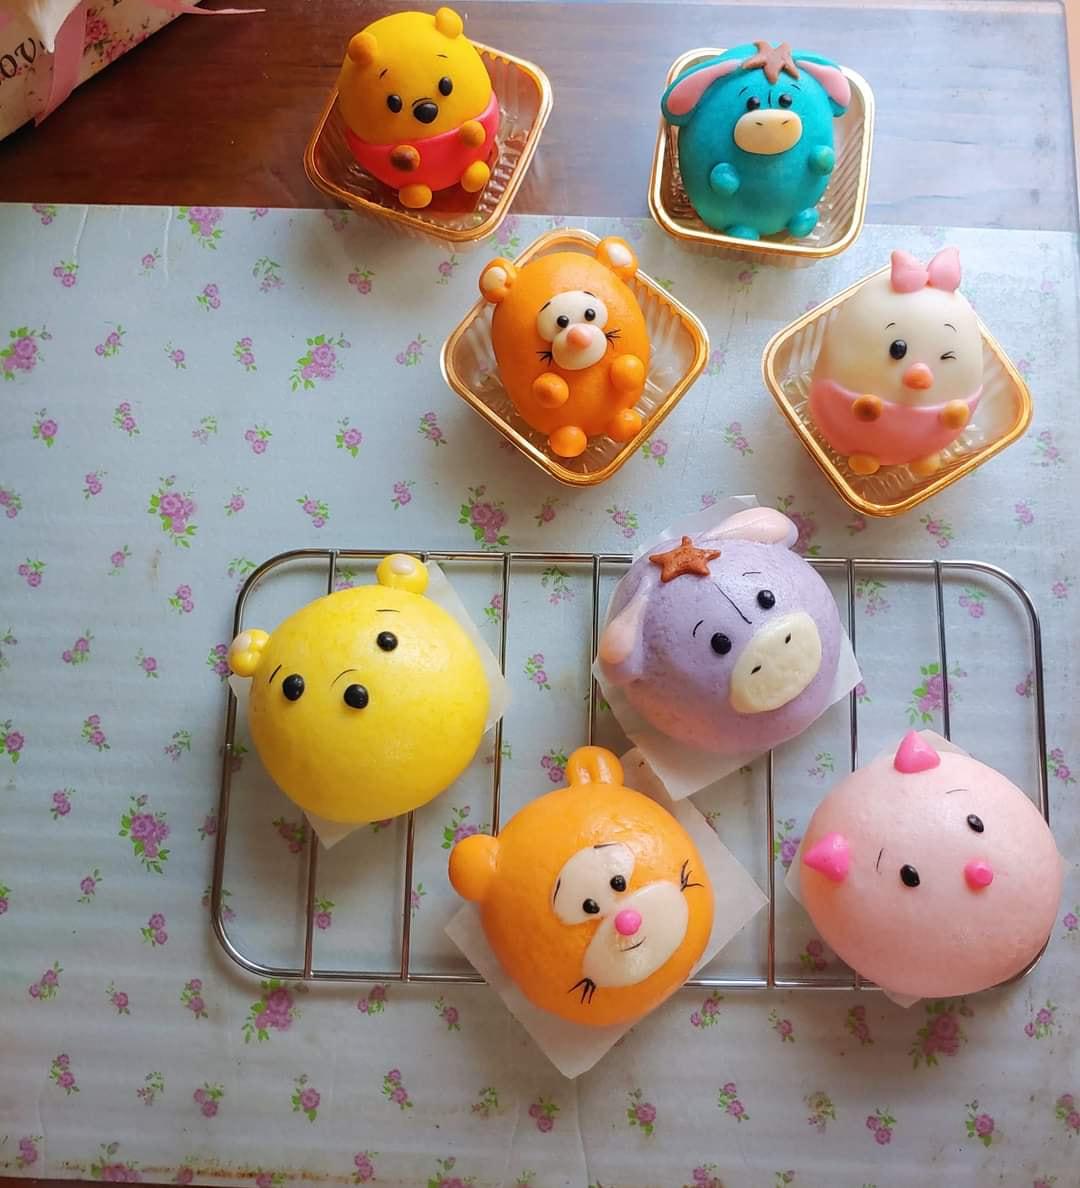 20 mẫu bánh bao tạo hình đẹp, nhìn cưng xỉu, chị em nào cũng cần lưu lại ngay